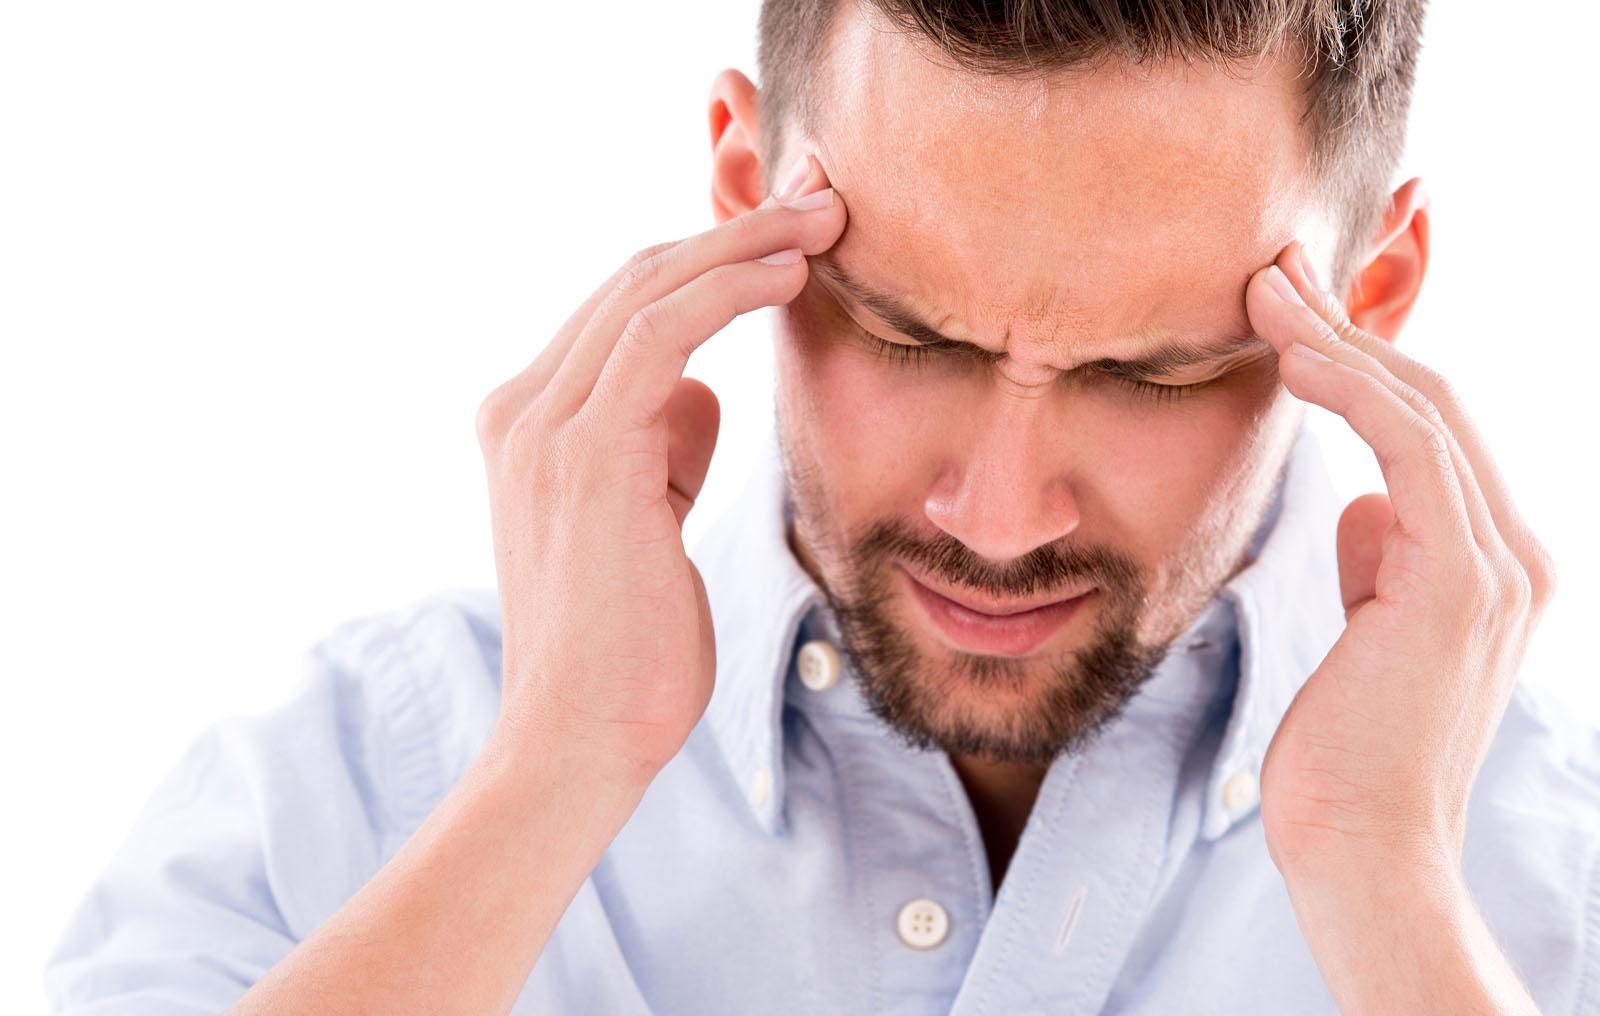 اعراض صداع التوتر ما هى